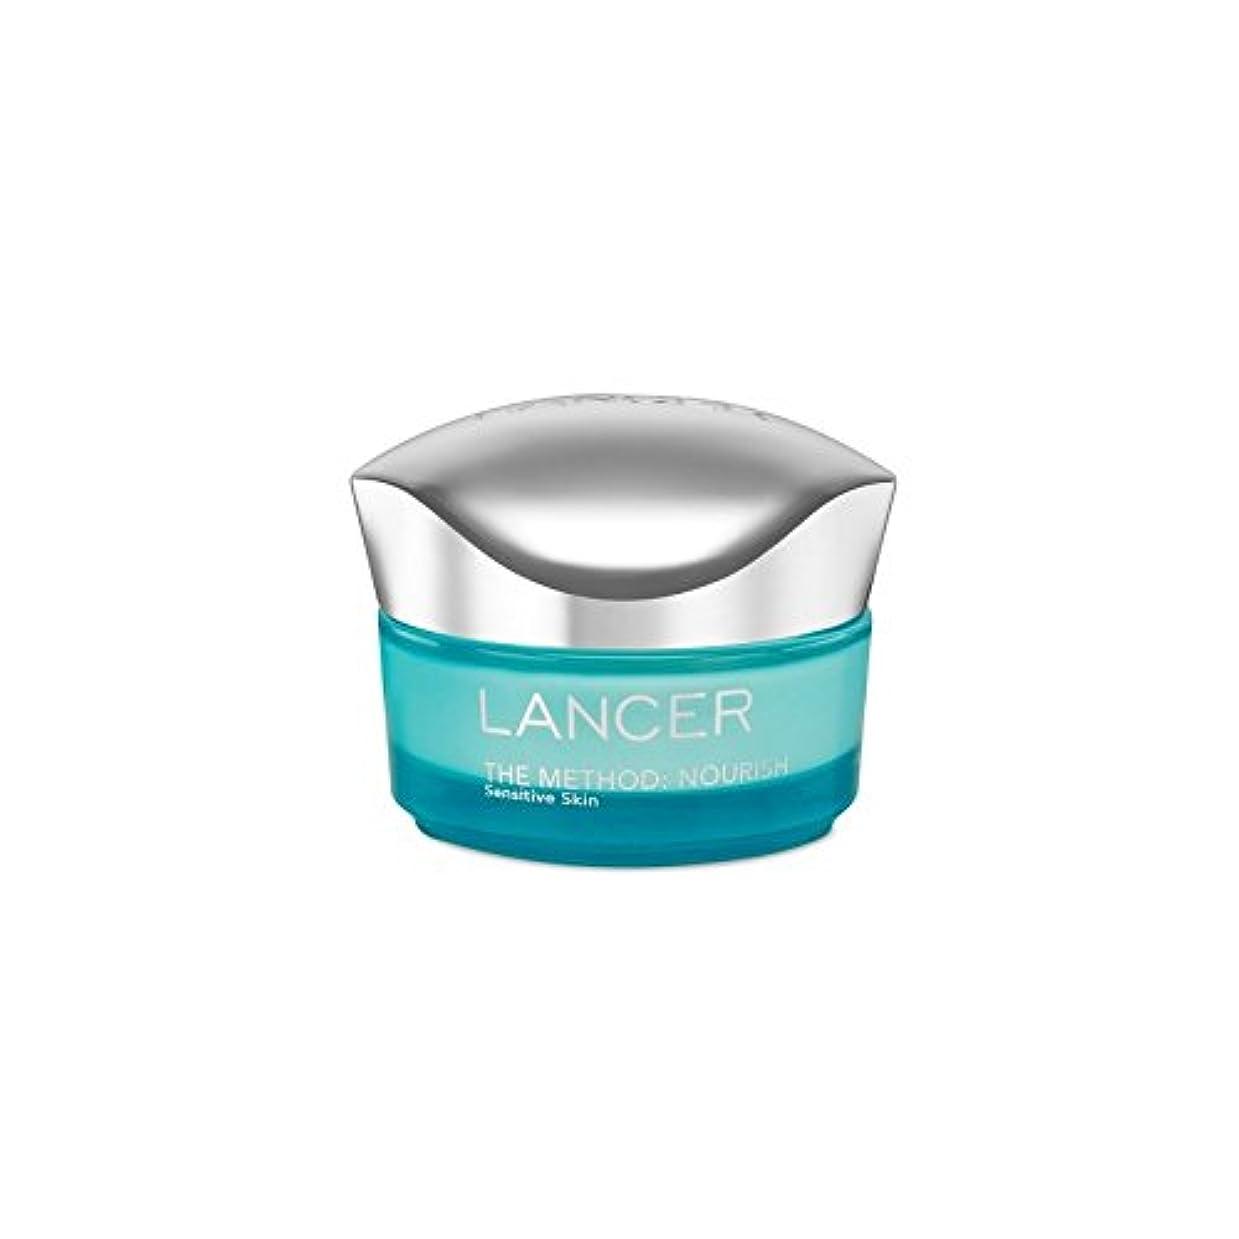 思いつくクラブ白鳥Lancer Skincare The Method: Nourish Moisturiser Sensitive Skin (50ml) - ランサーは、この方法をスキンケア:保湿敏感肌(50)に栄養を与えます [並行輸入品]